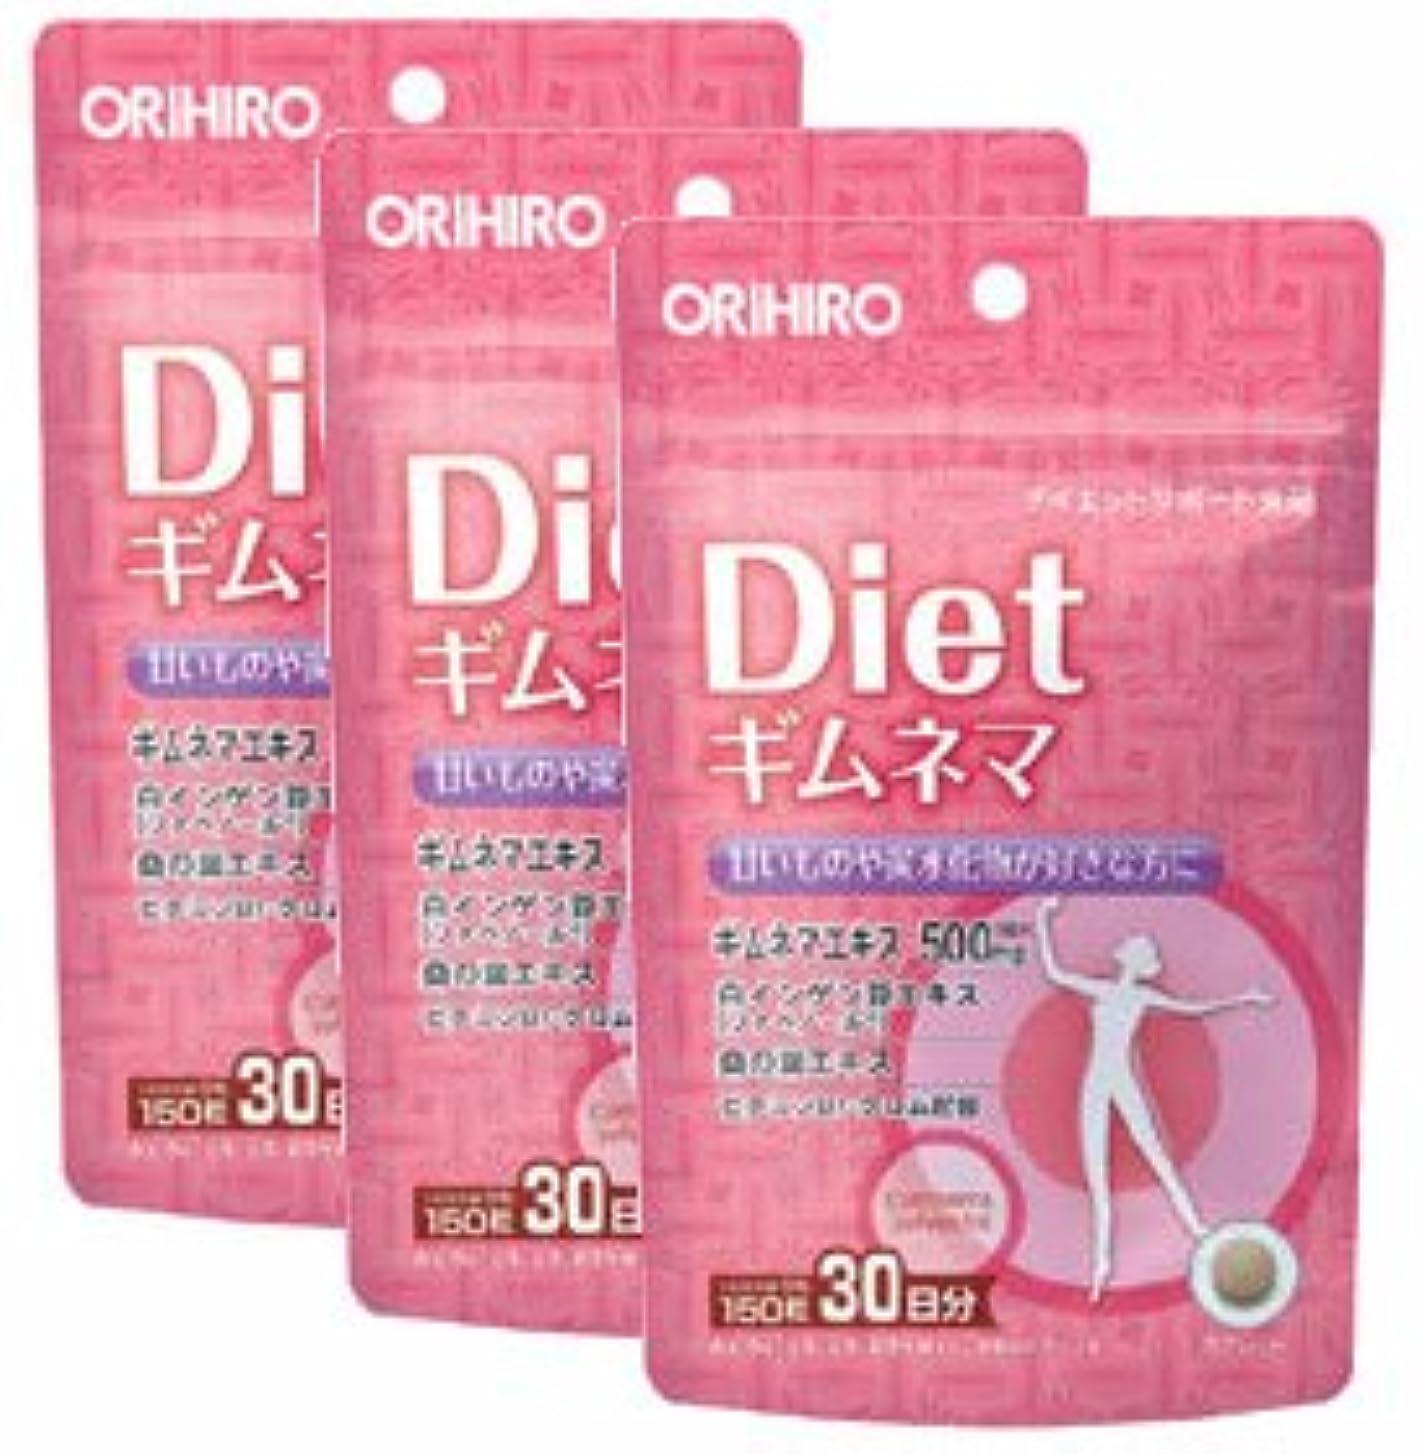 冷蔵庫基礎理論取るDietギムネマ PD【3袋セット】オリヒロ